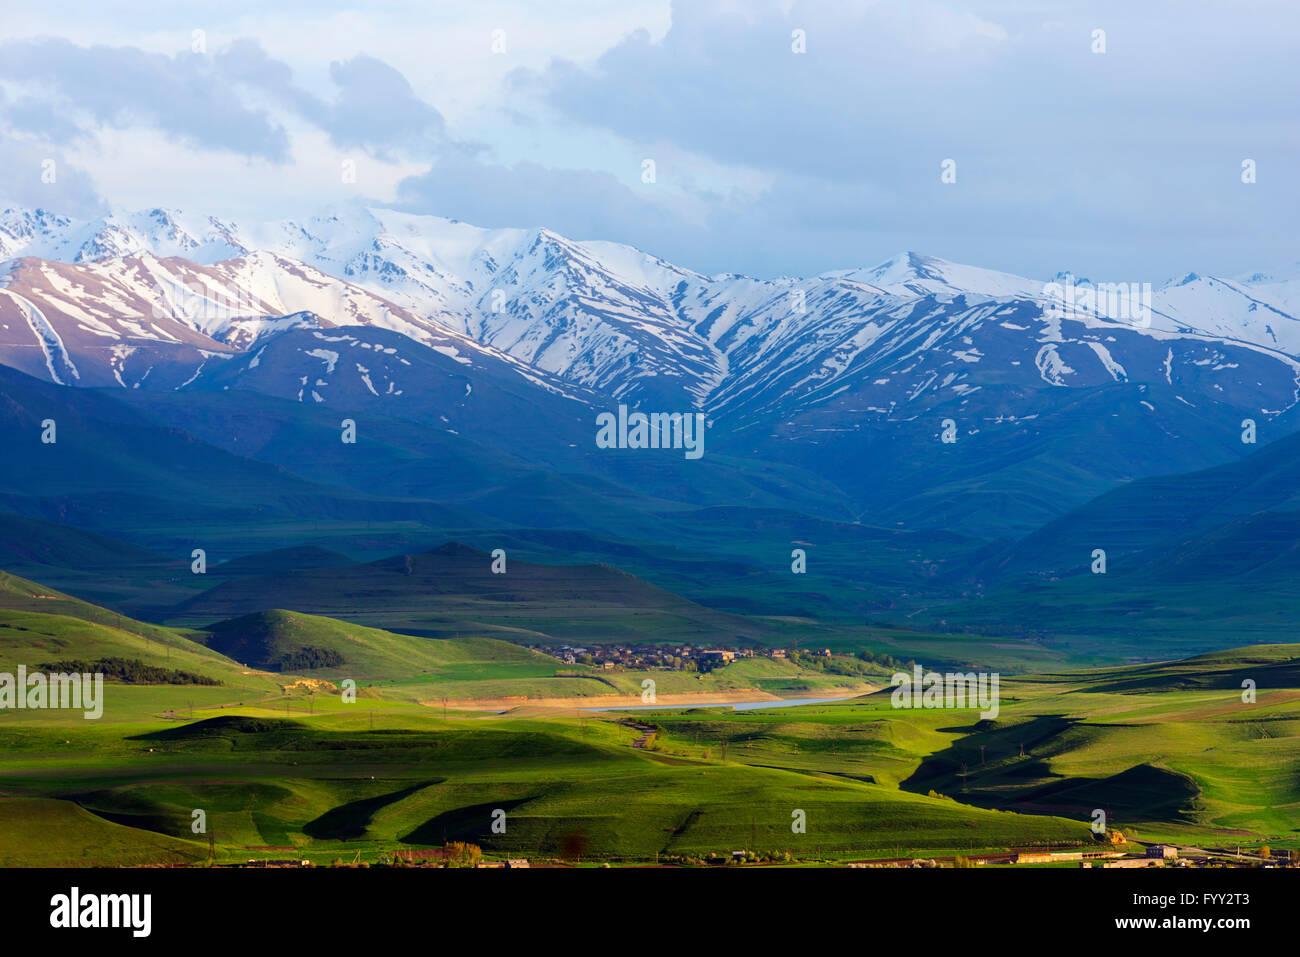 Eurasia, región del Cáucaso, Armenia, Syunik provincia, paisaje cercano Sisian Foto de stock